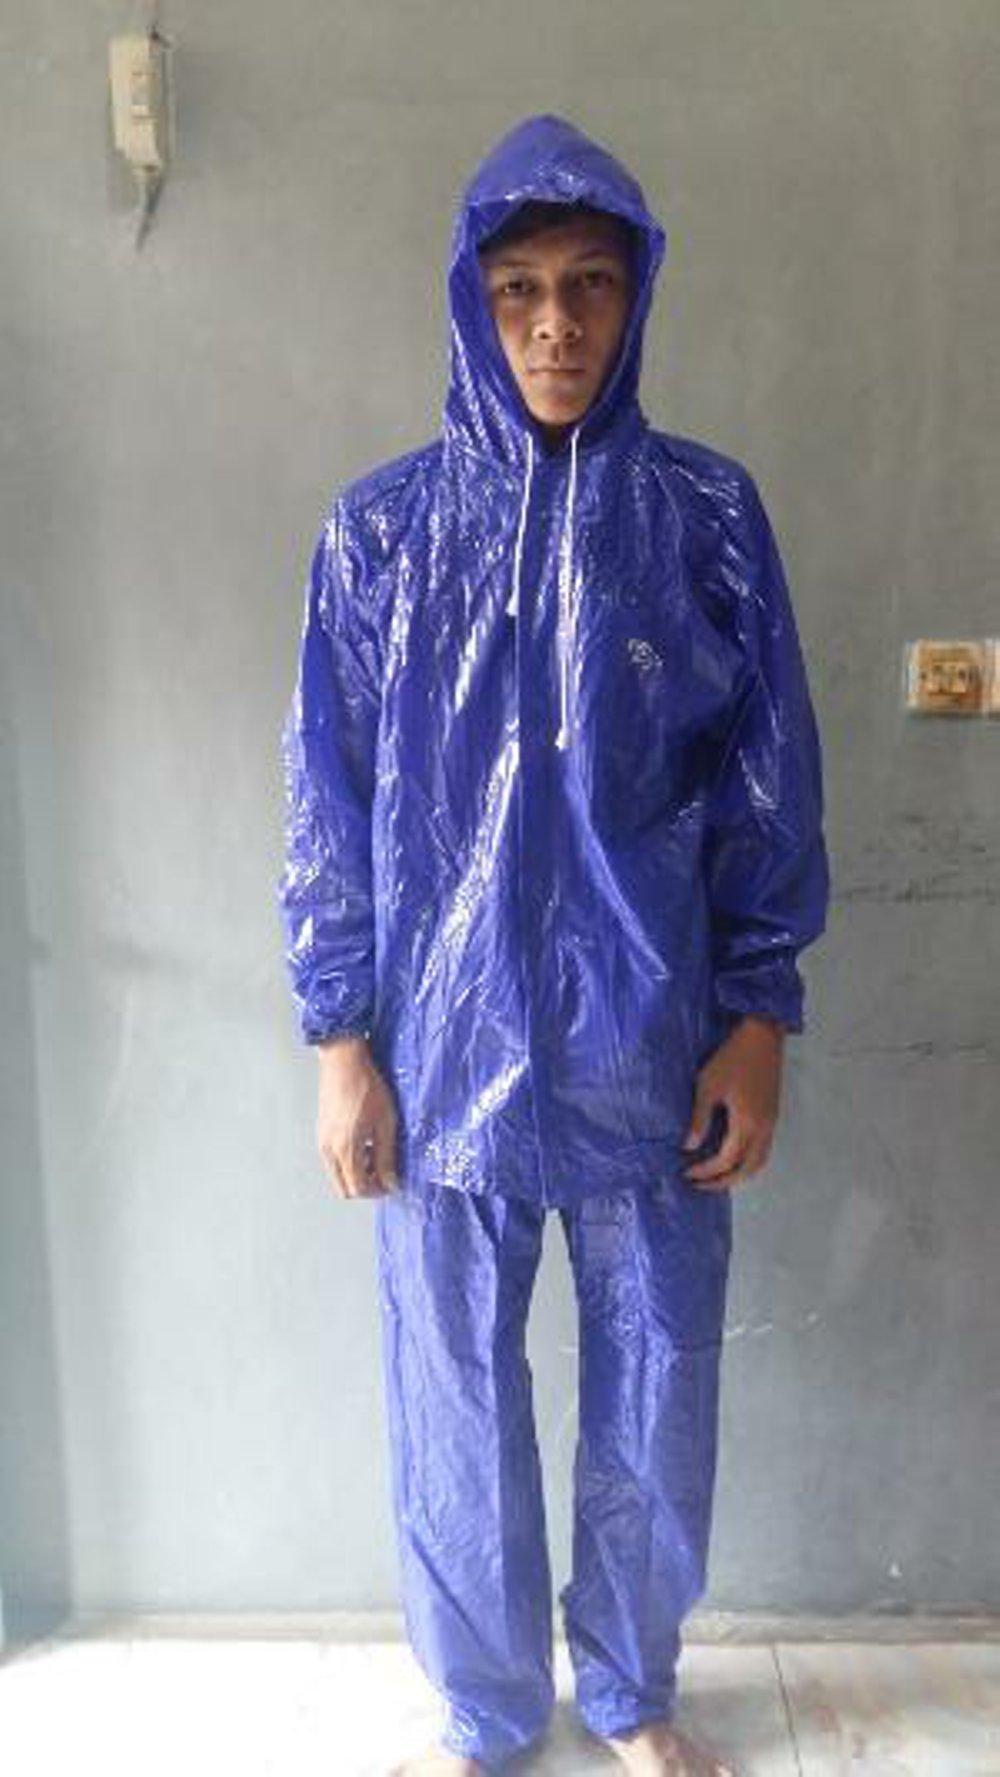 Daftar Harga Jas Hujan Gma Karet Terbaru Fashion Terbaik Legendaris Stelan Celana Bahan Suit Di Lapak Bahagia Makmur Ikhwanibra